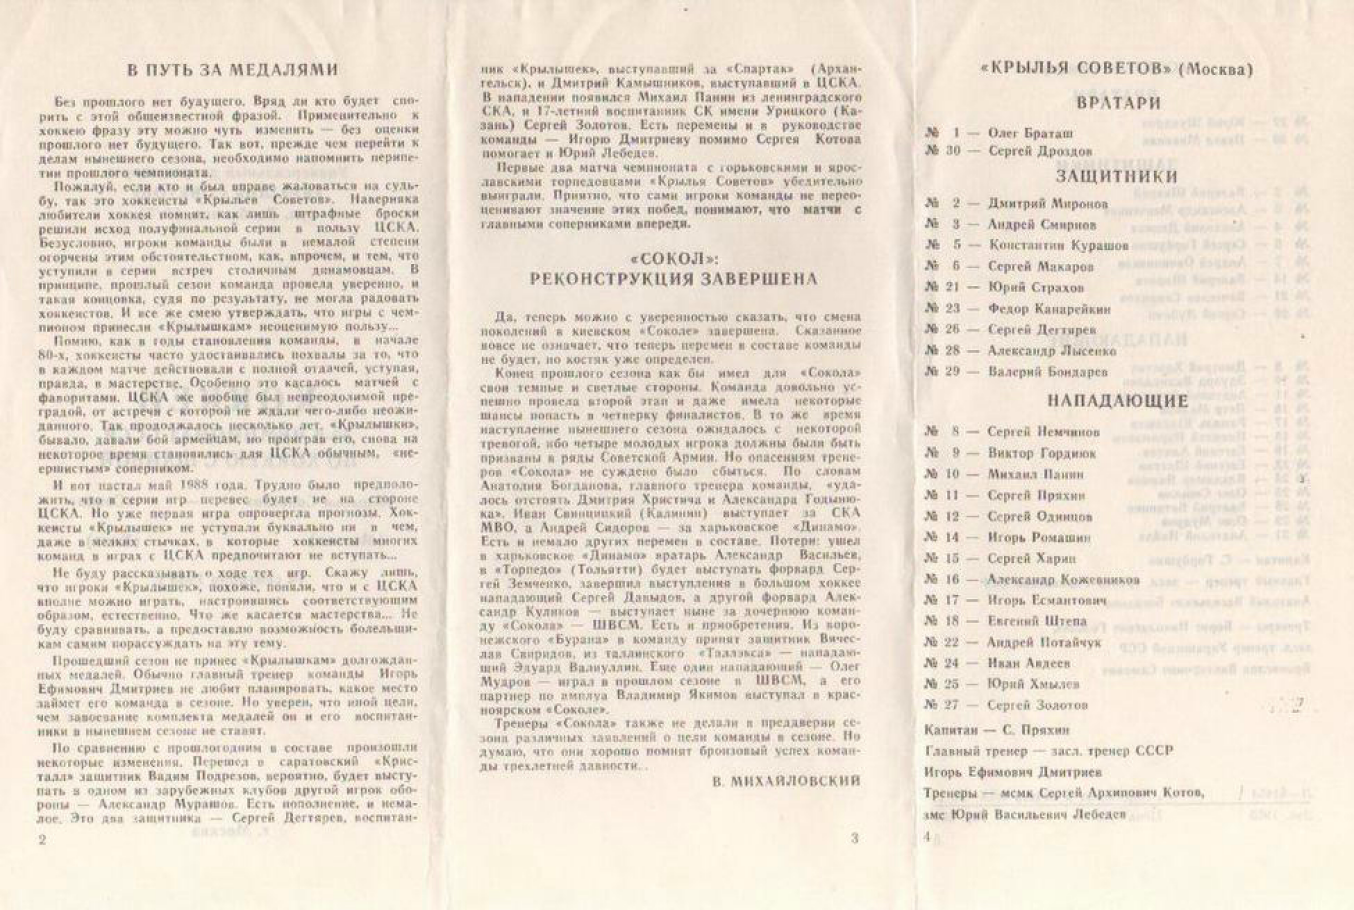 1988.09.14. Крылья Советов - Сокол, Киев (Чм. СССР)_02.png